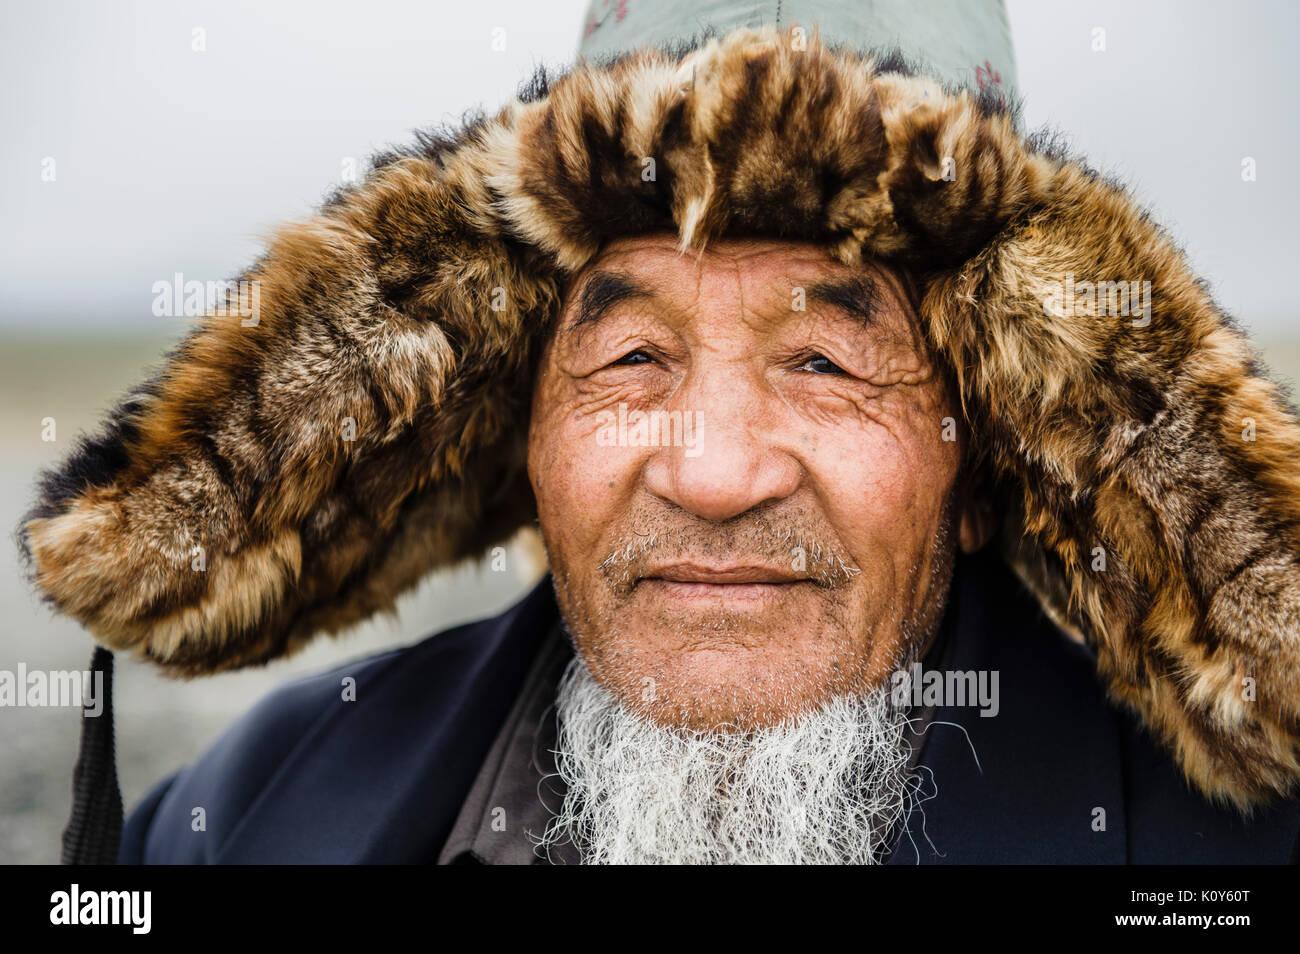 Il mongolo di uomini in Cina del Meng minoranza etnica, Xinjiang. Cina Immagini Stock